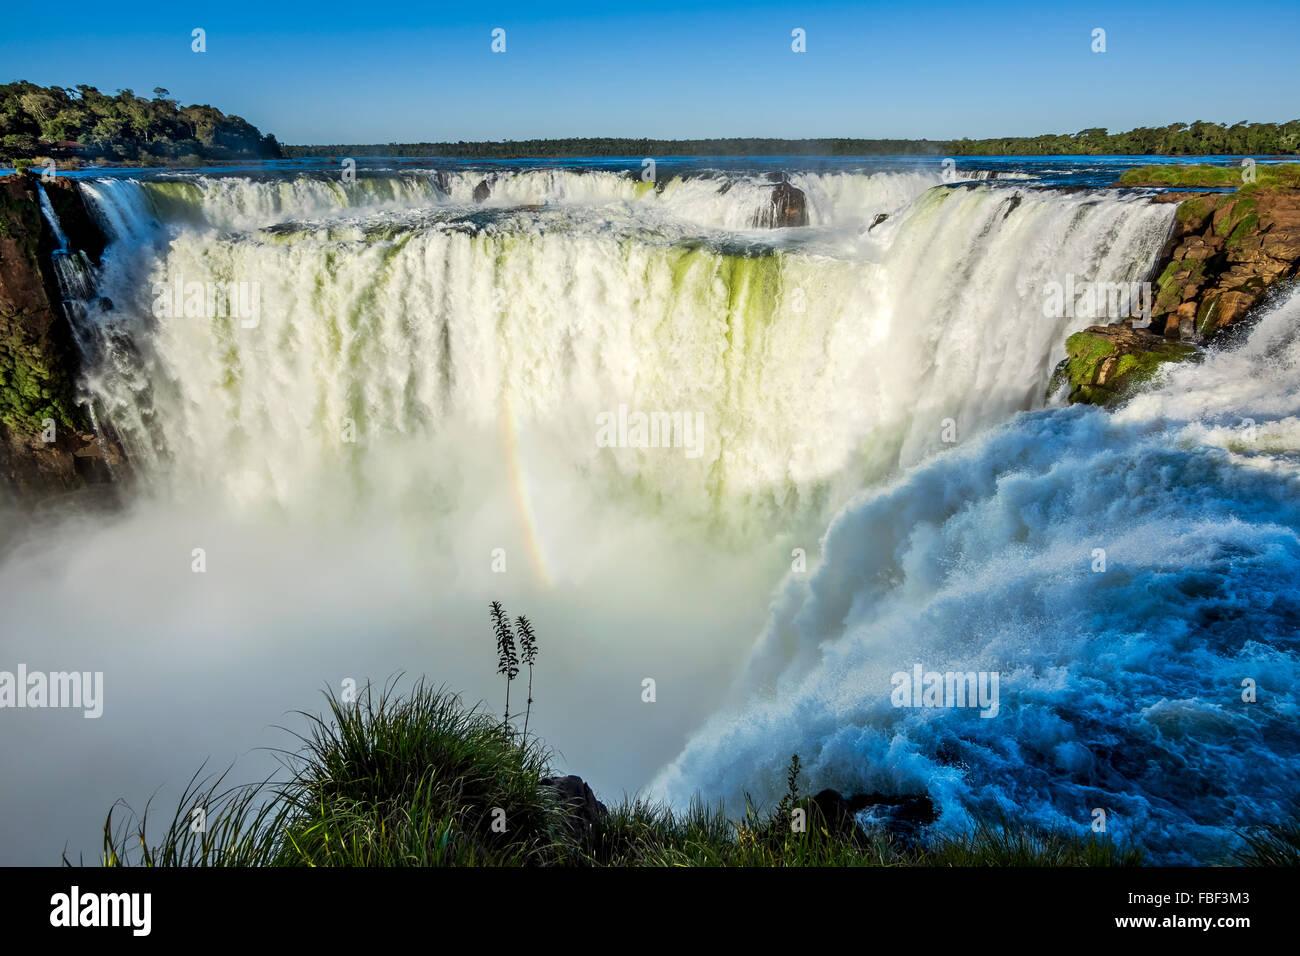 Gola del Diavolo a Iguazu Falls, uno dei piu' grandi meraviglie naturali del mondo, sul confine di Argentina e Brasile. Foto Stock